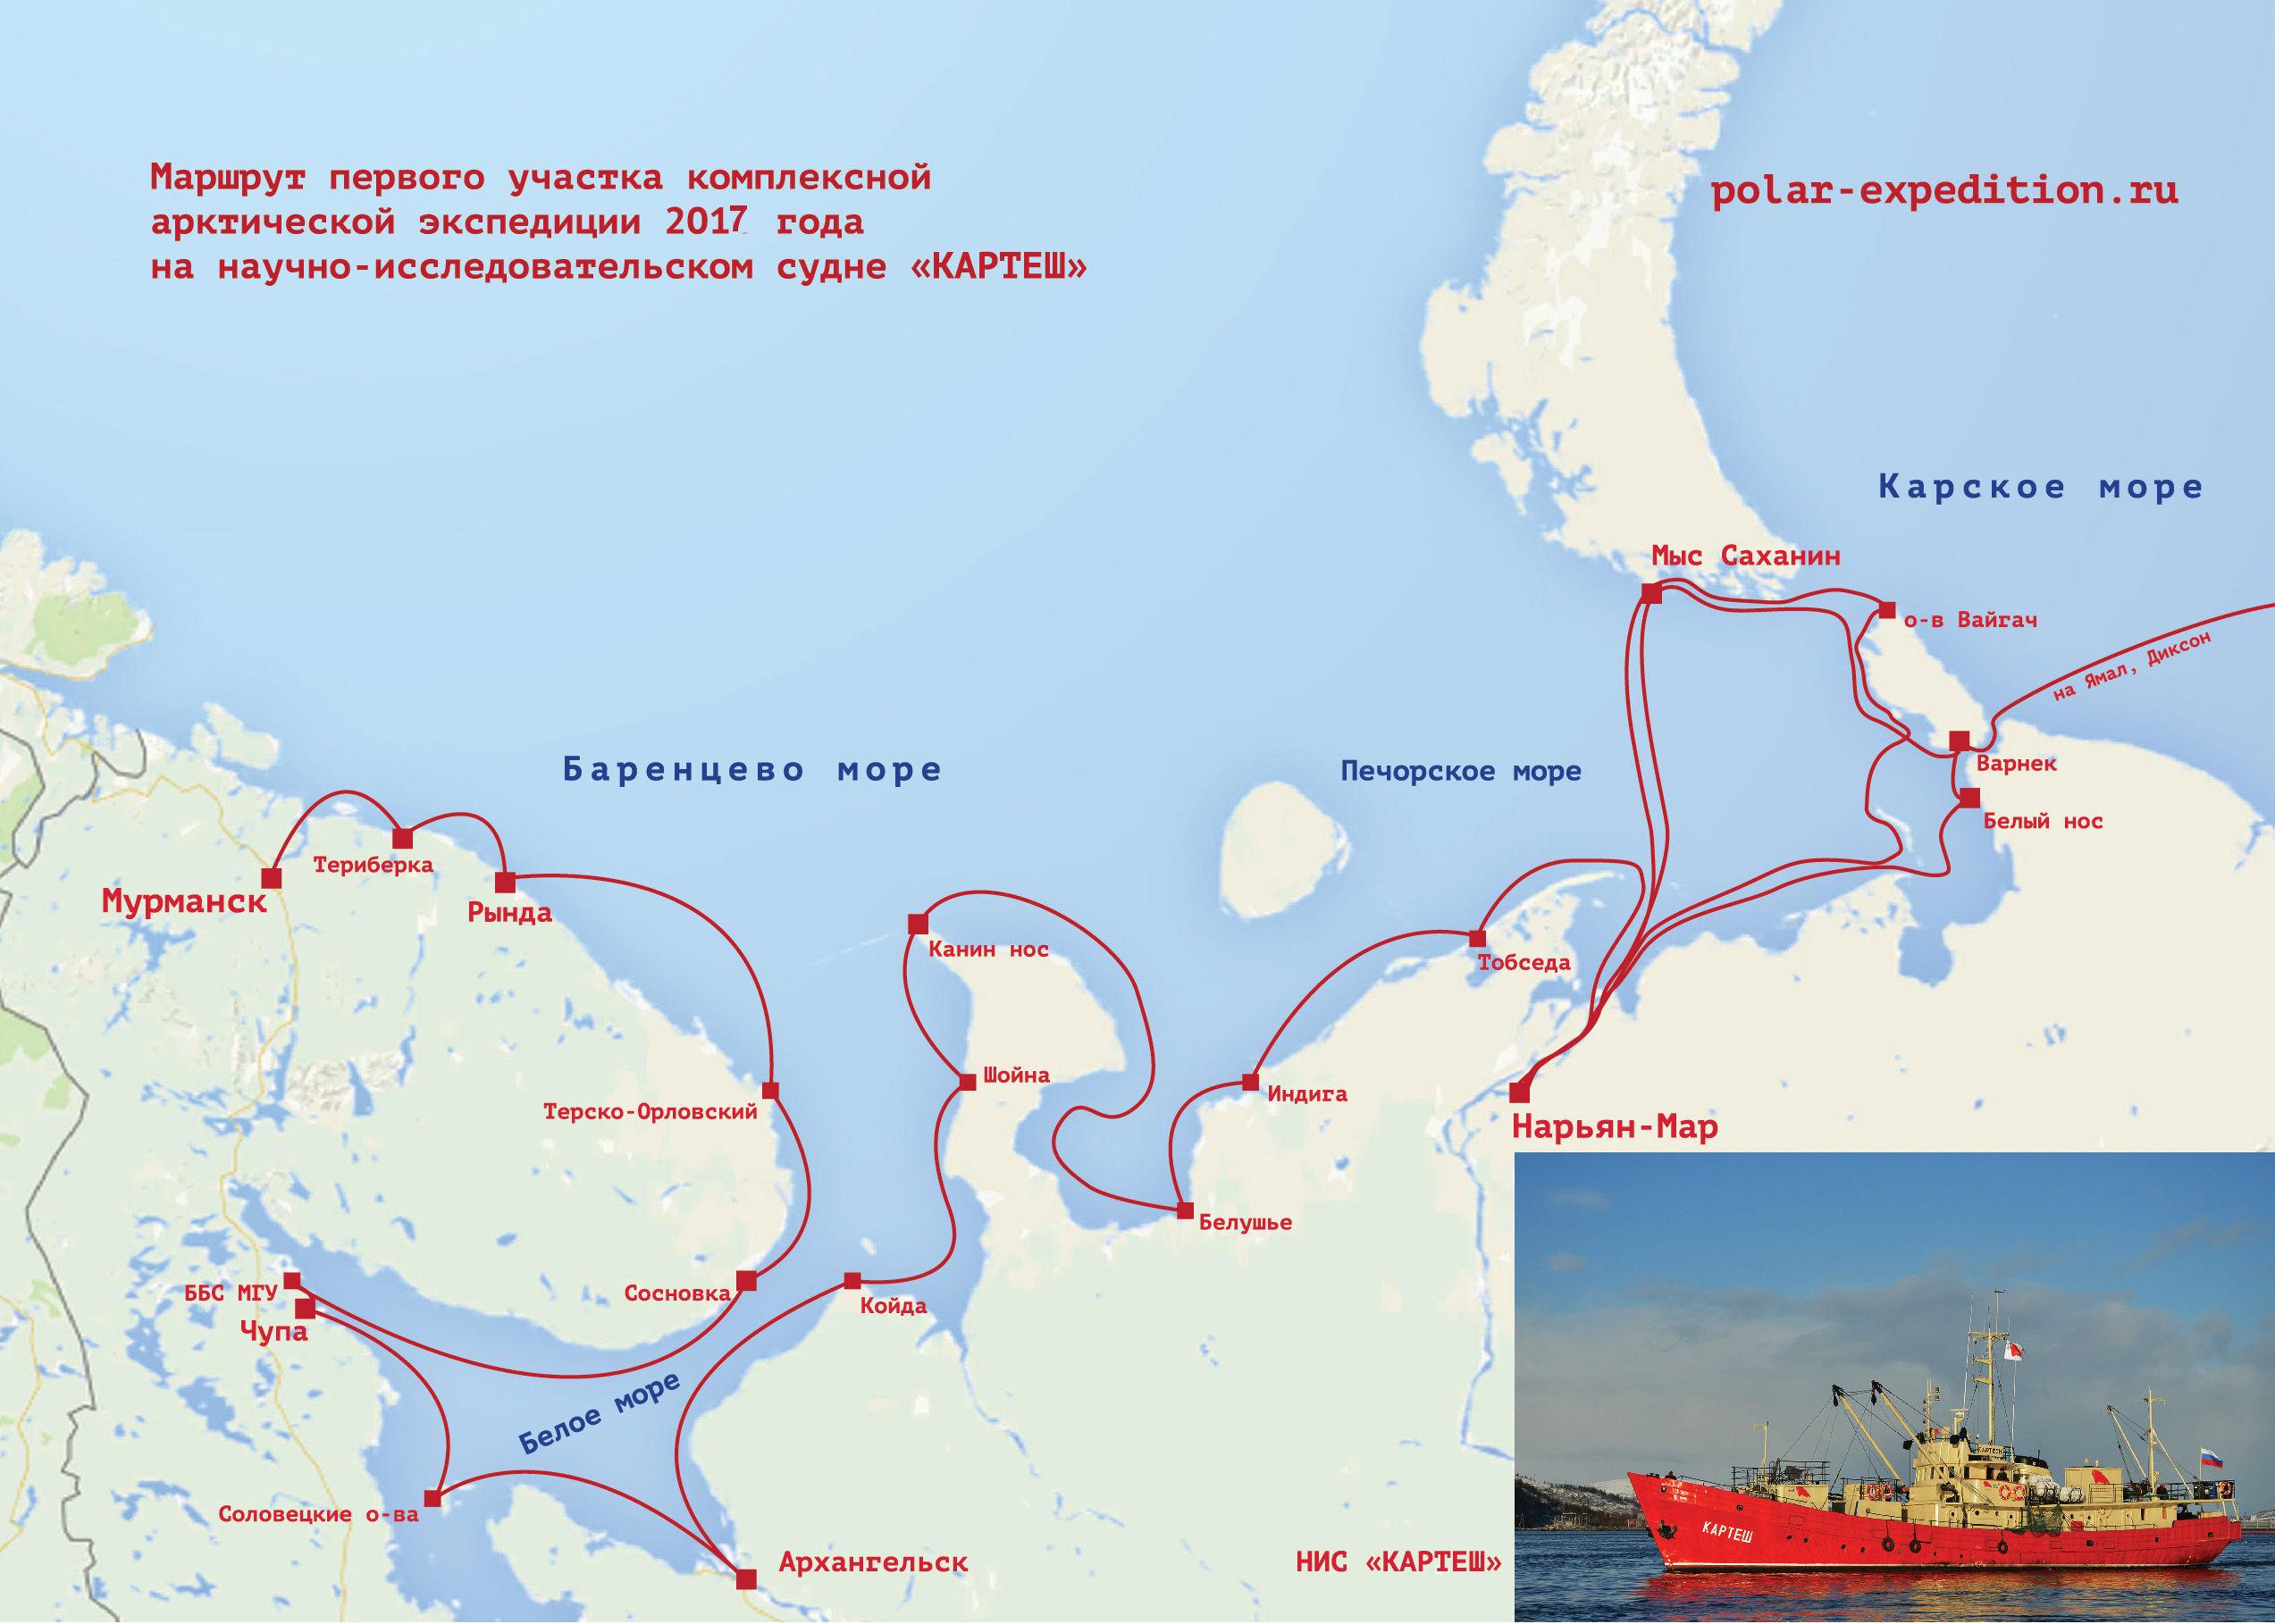 Карта_2017_первой части экспедиции